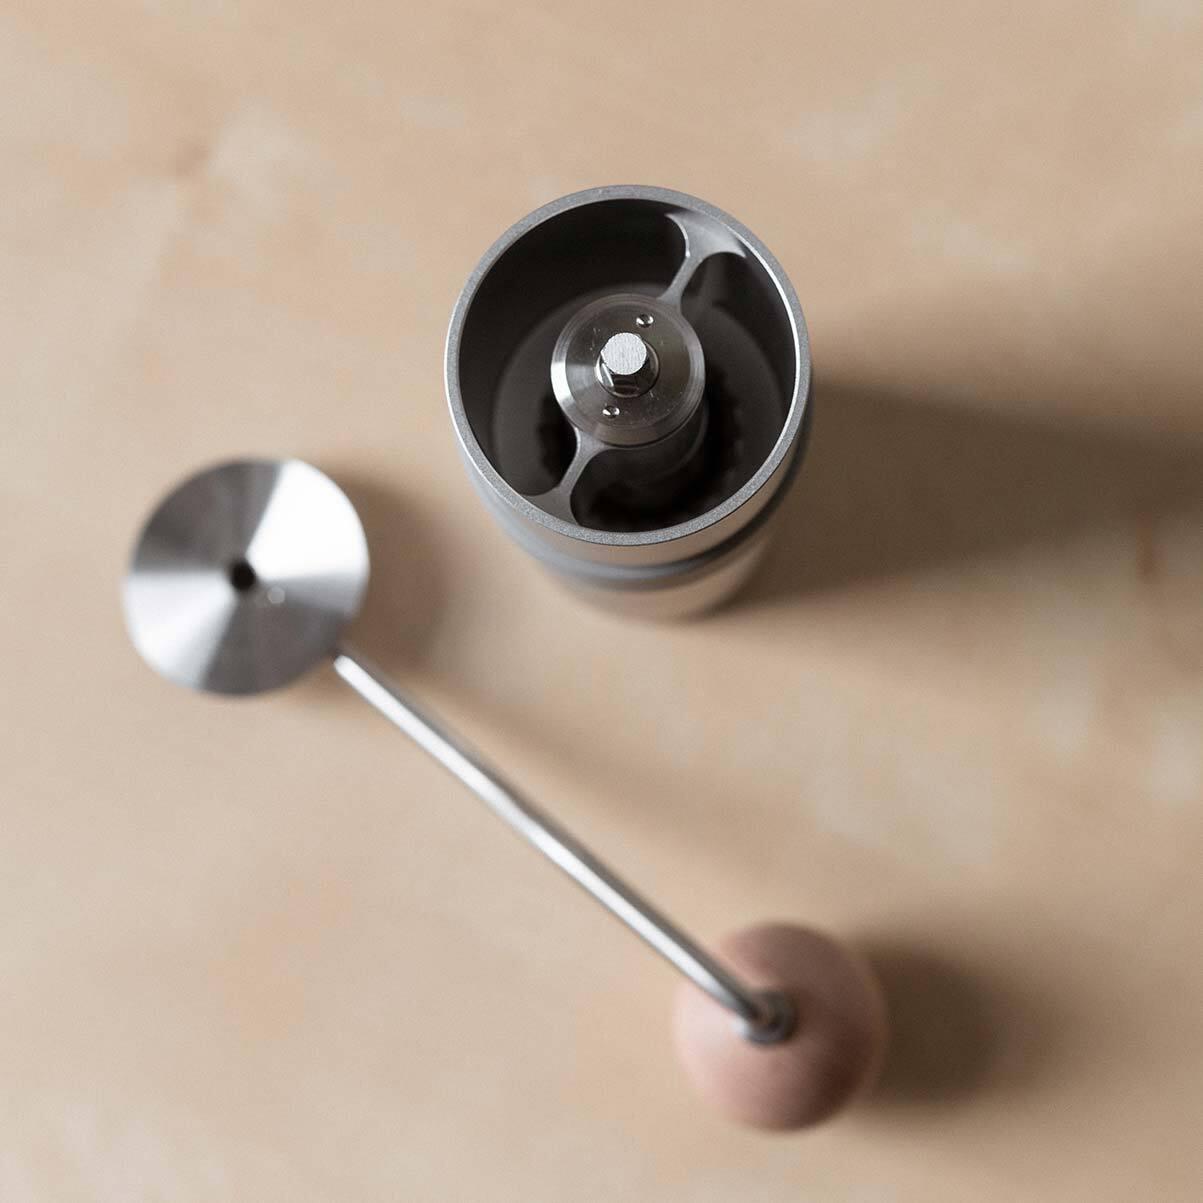 remi hand grinder inside